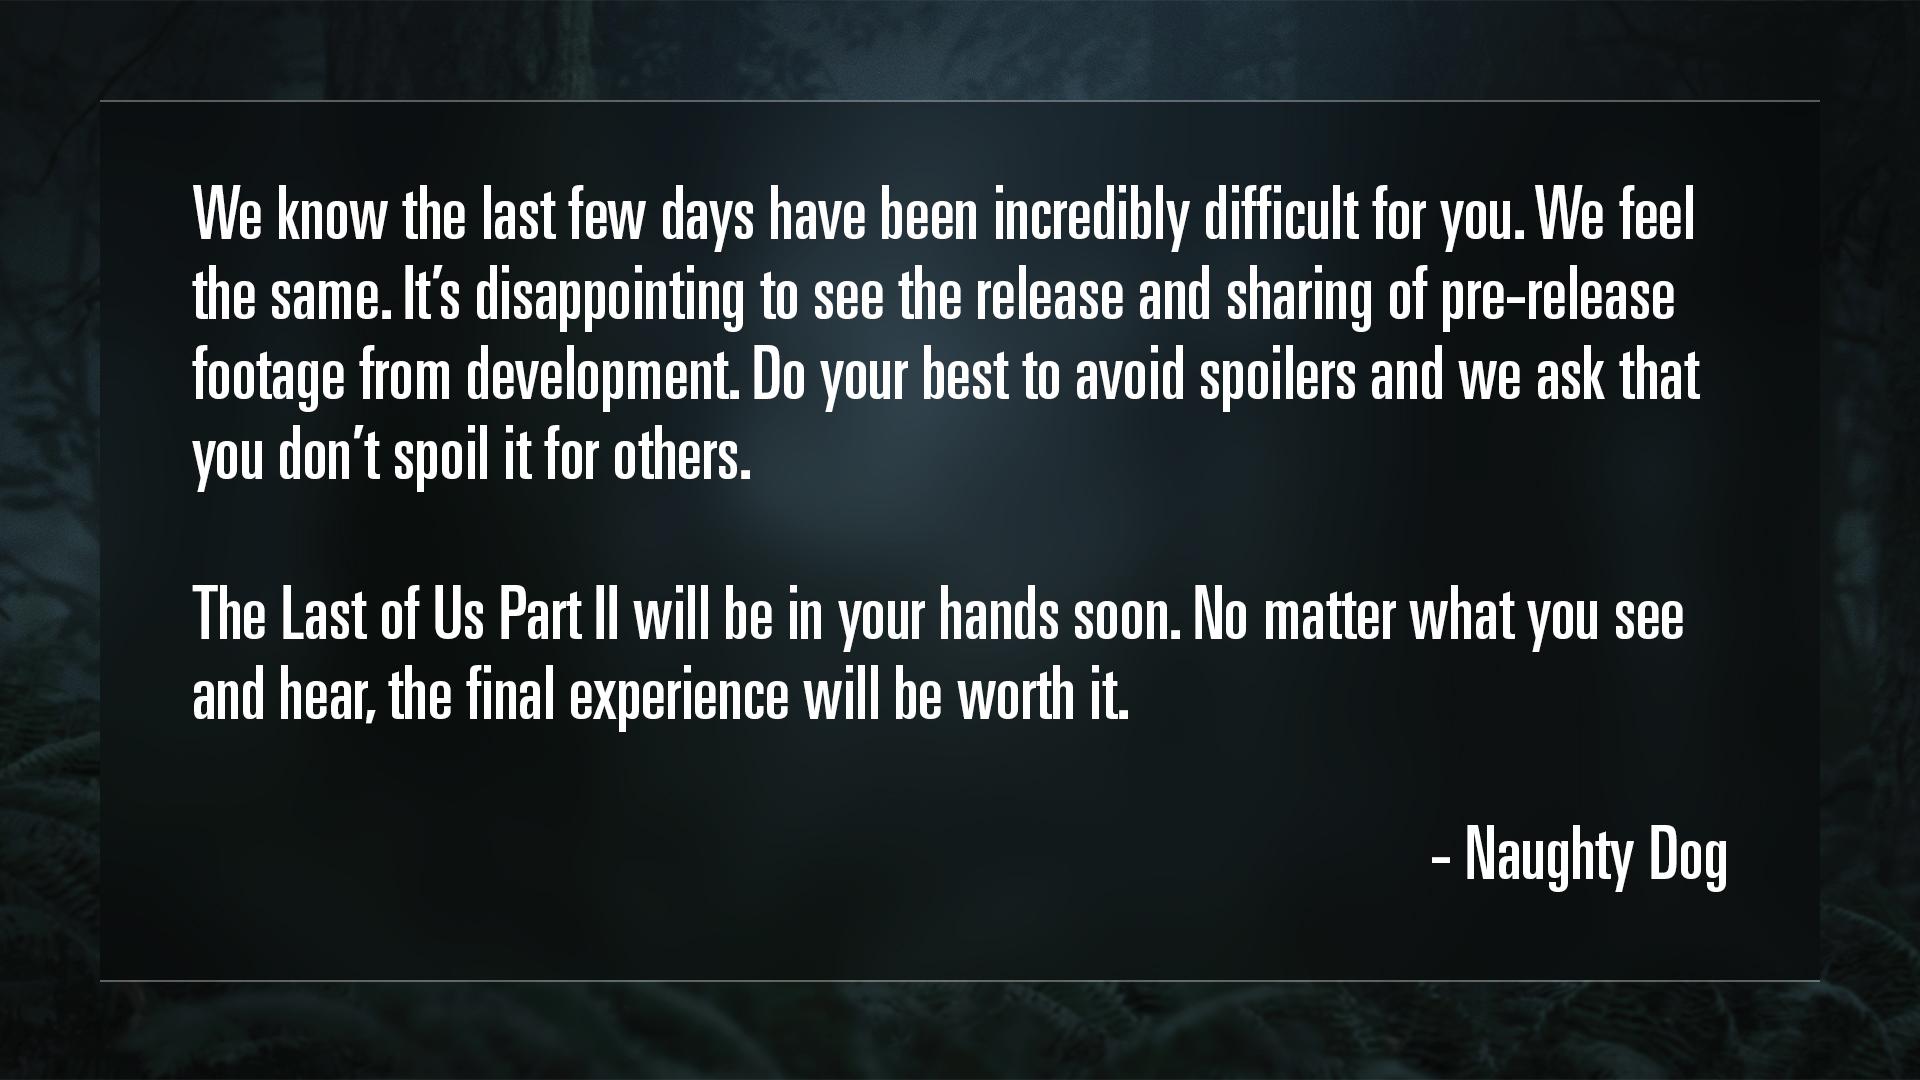 comunicado de Naughty Dig en relación a la filtración de The Last of Us Part II previa a su estreno